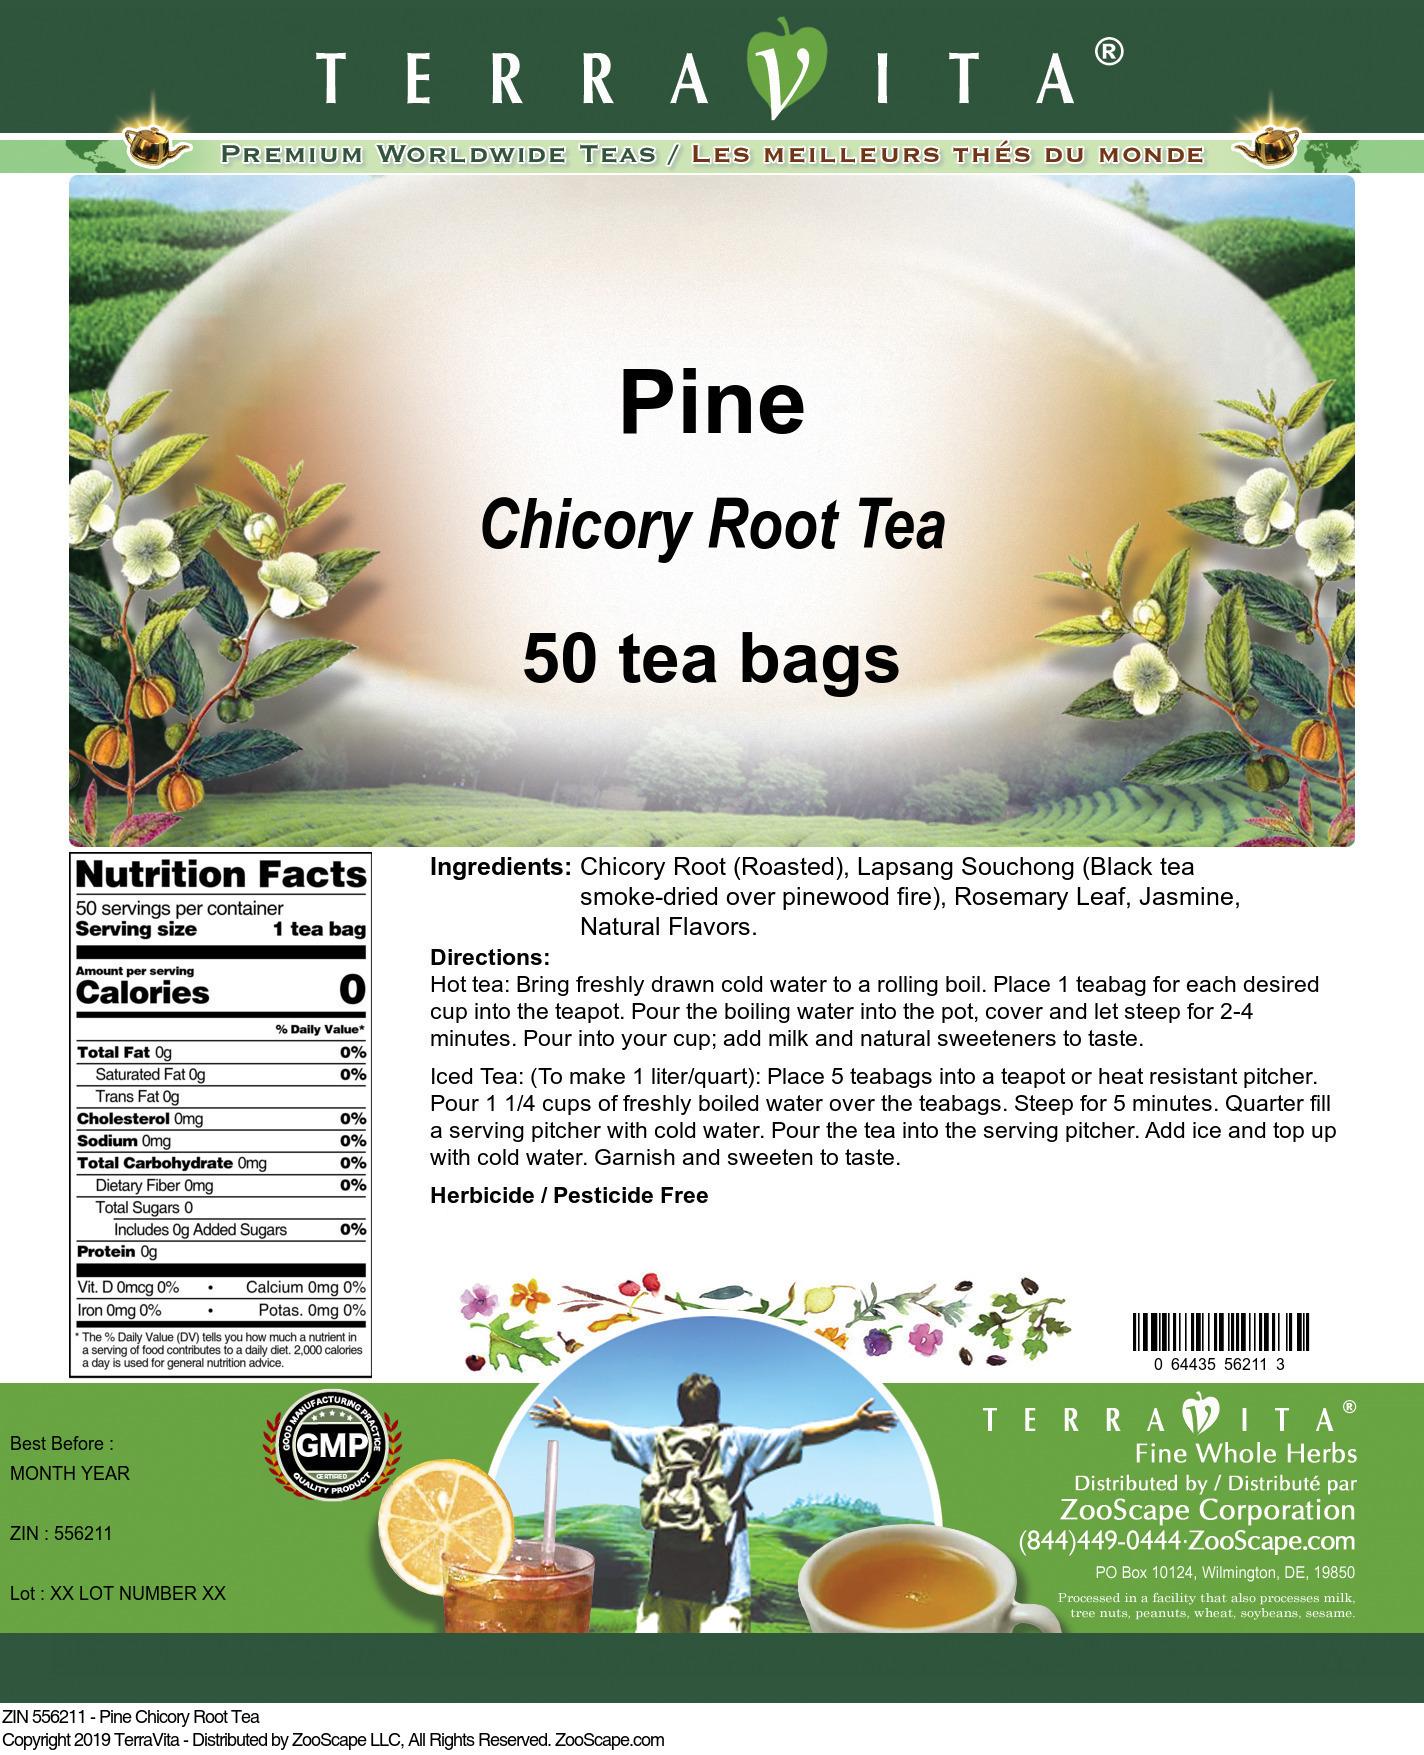 Pine Chicory Root Tea